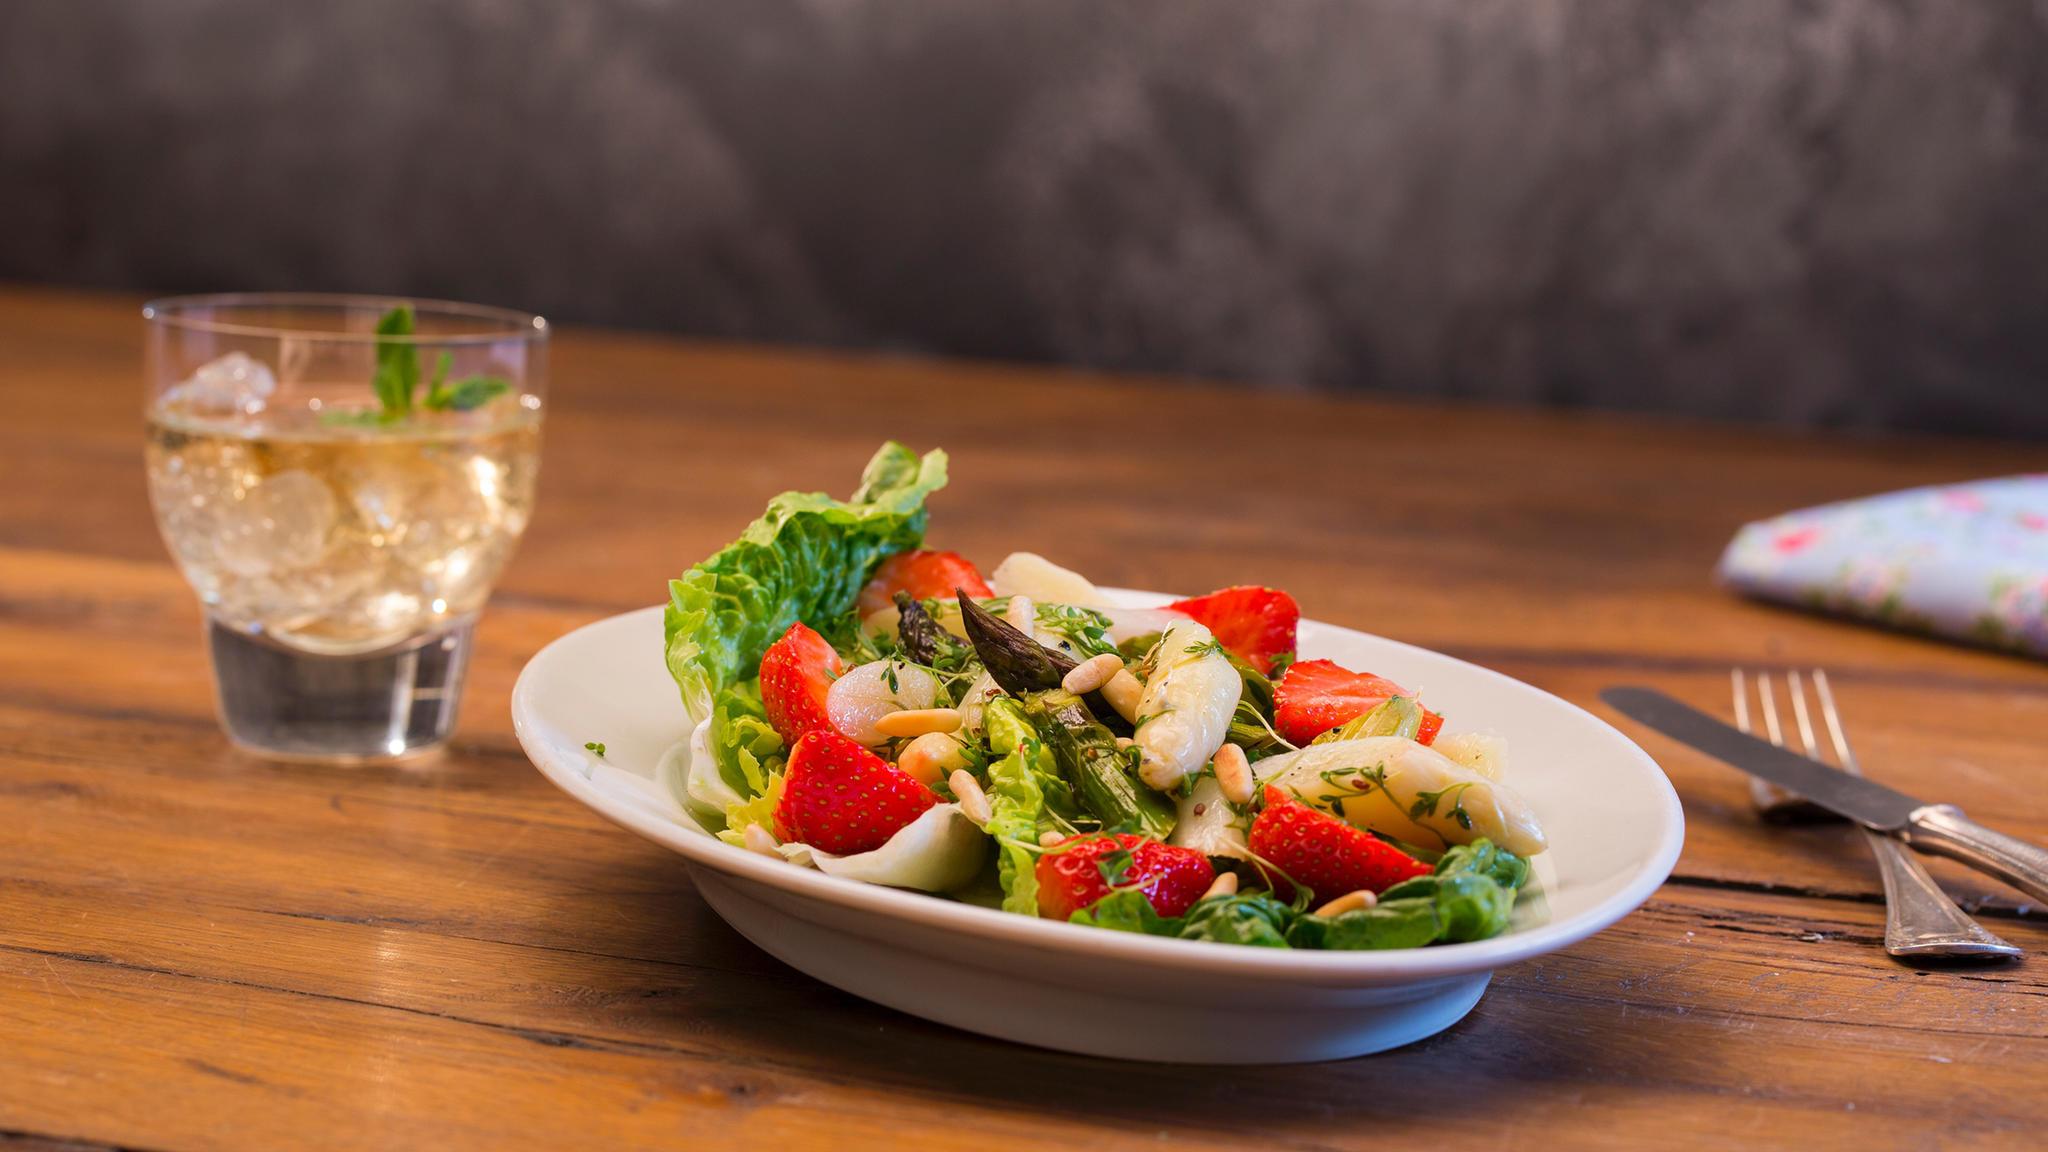 Leichte Sommerküche Essen Und Trinken : Locker leichte sommerküche: marinierter spargel erdbeer salat stern.de